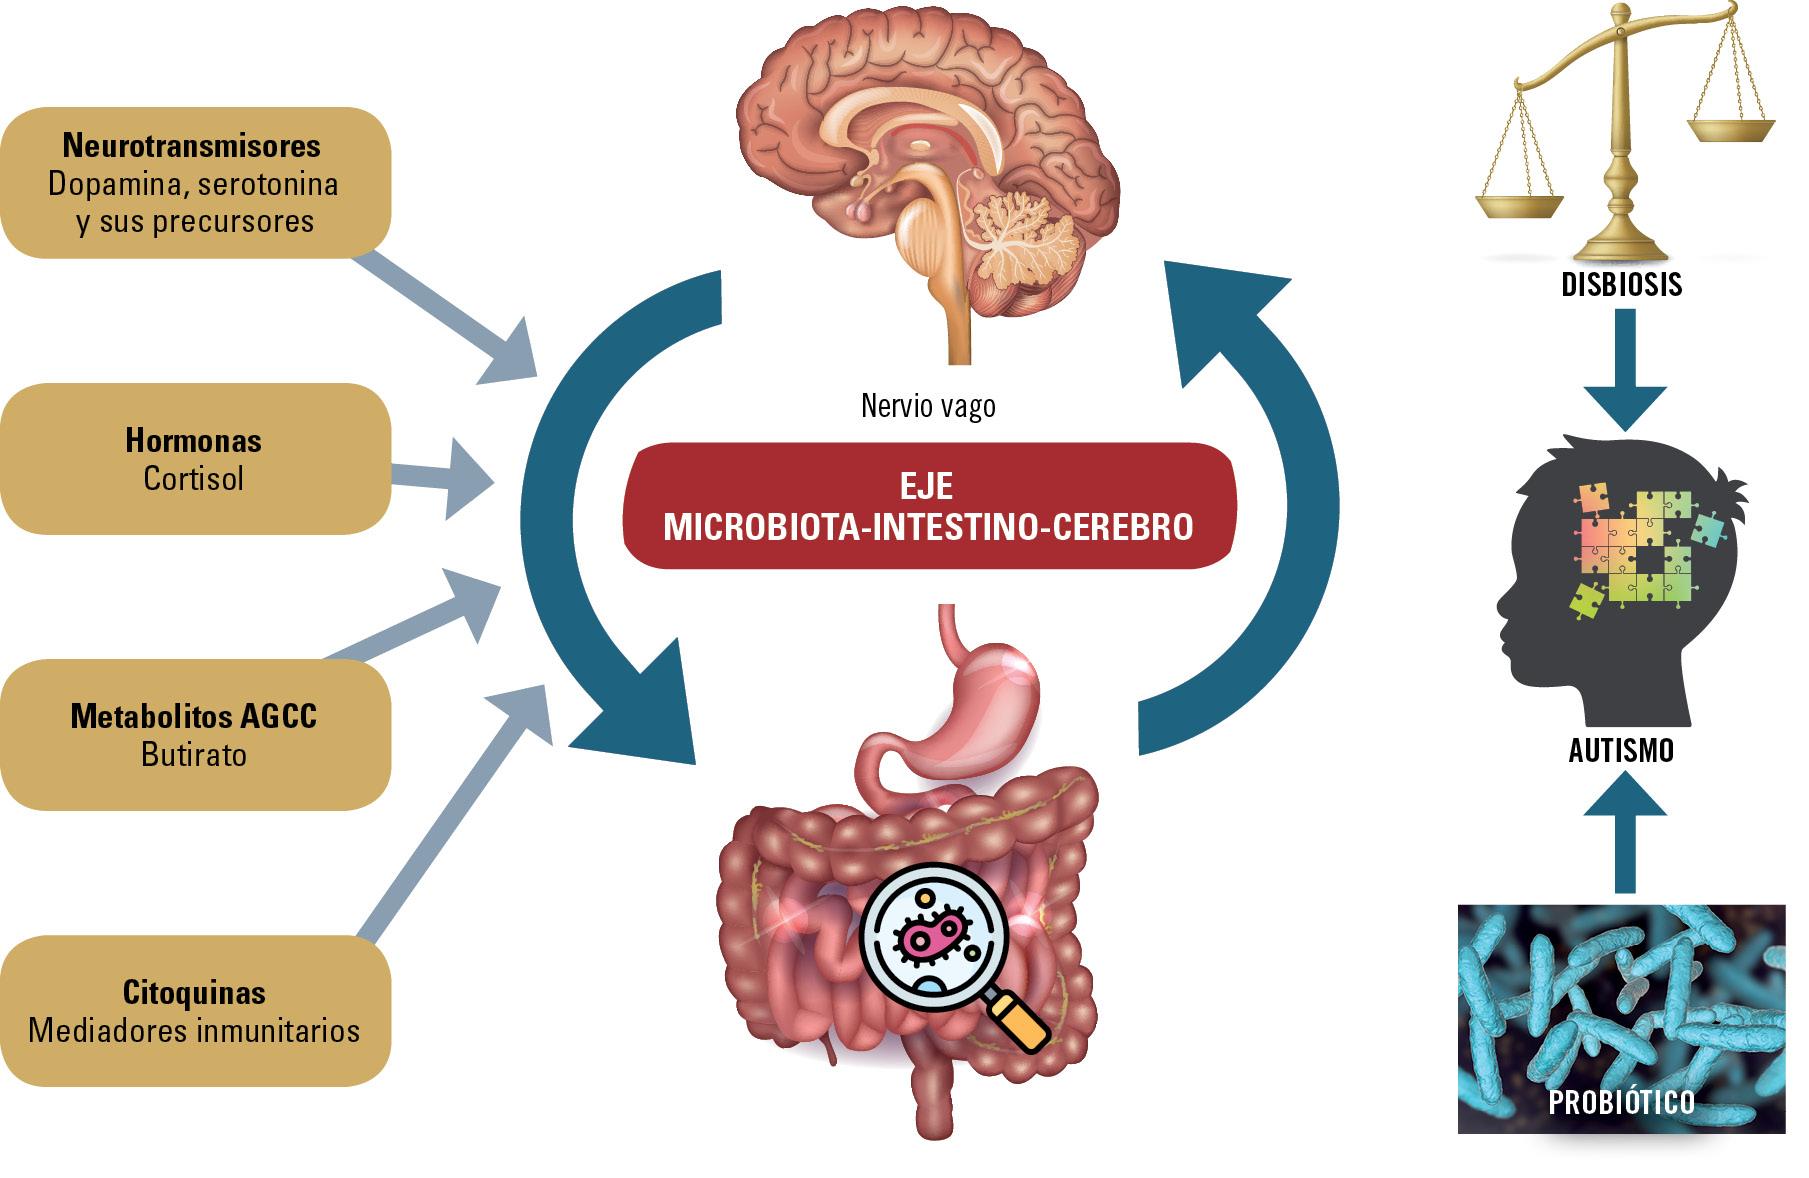 36 EF589 PROFESION microbiota probioticos y TEA figura 1